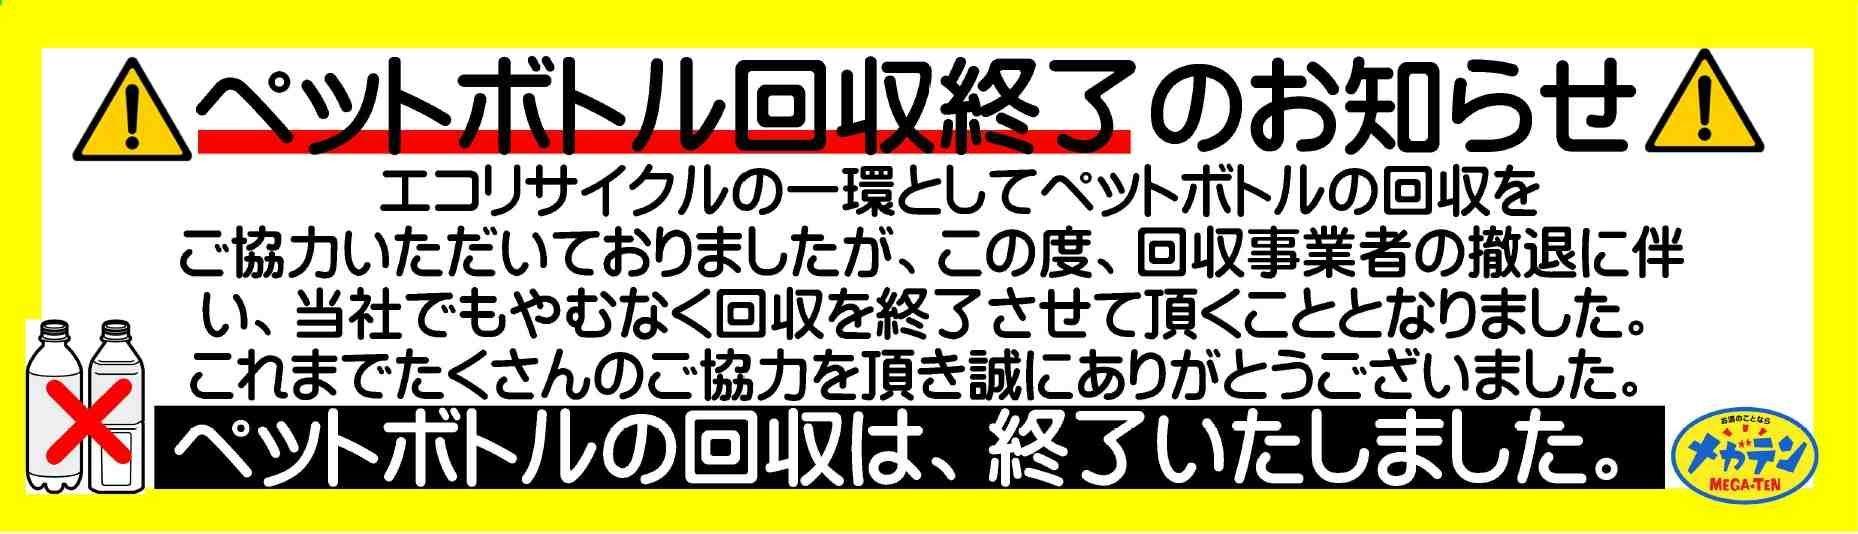 2019年11月 ペットボトル回収終了のお知らせm(_ _)m